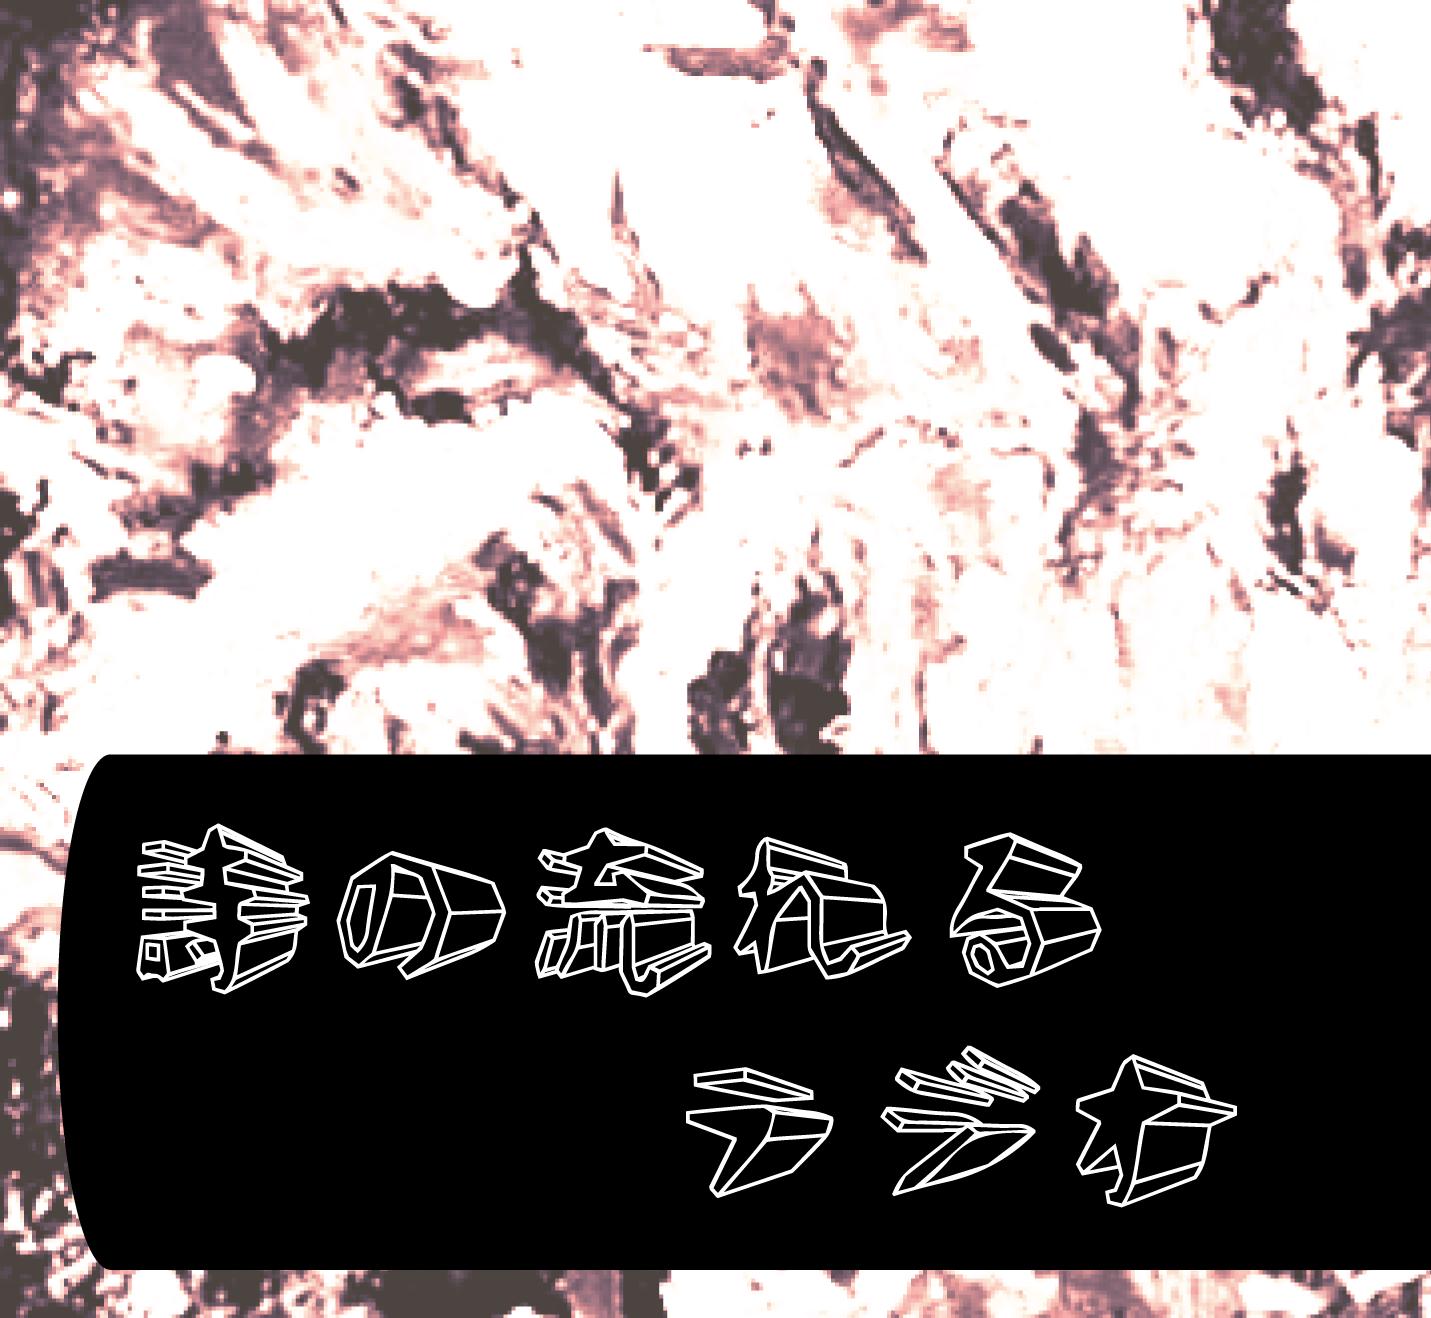 詩の流れるラジオ(札幌)